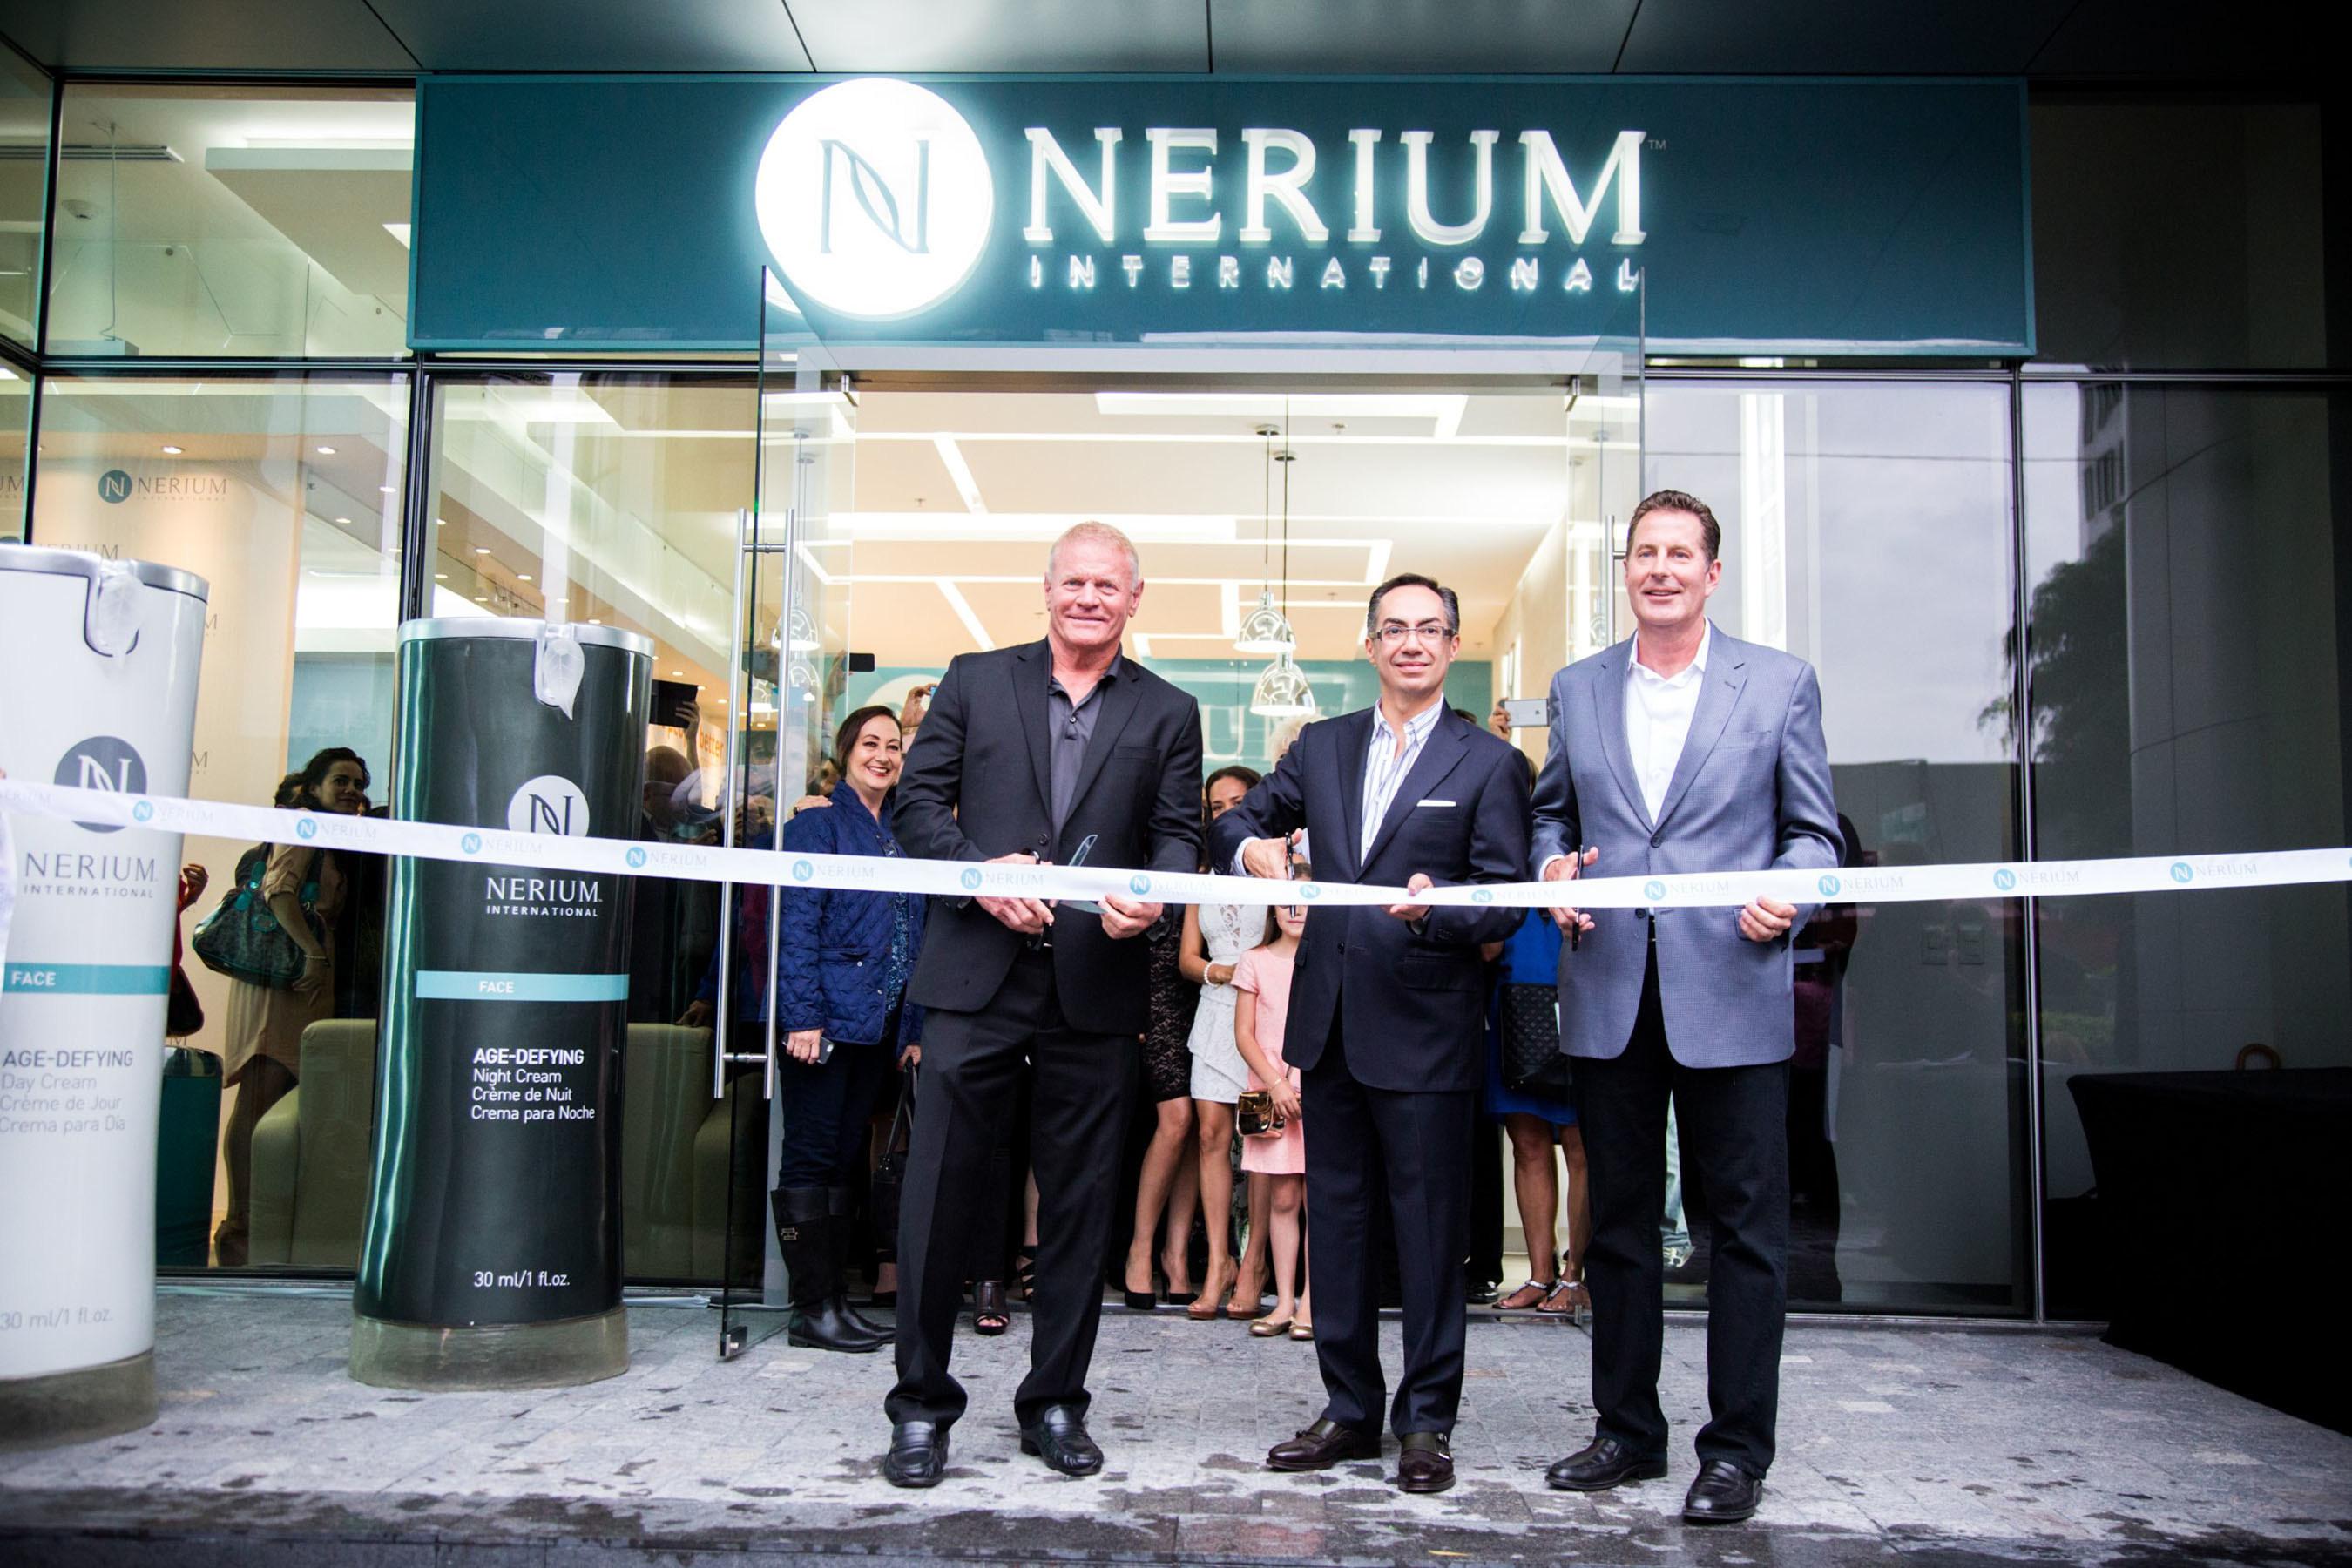 Nerium International celebra la inauguración del Brand Center en la Ciudad de México